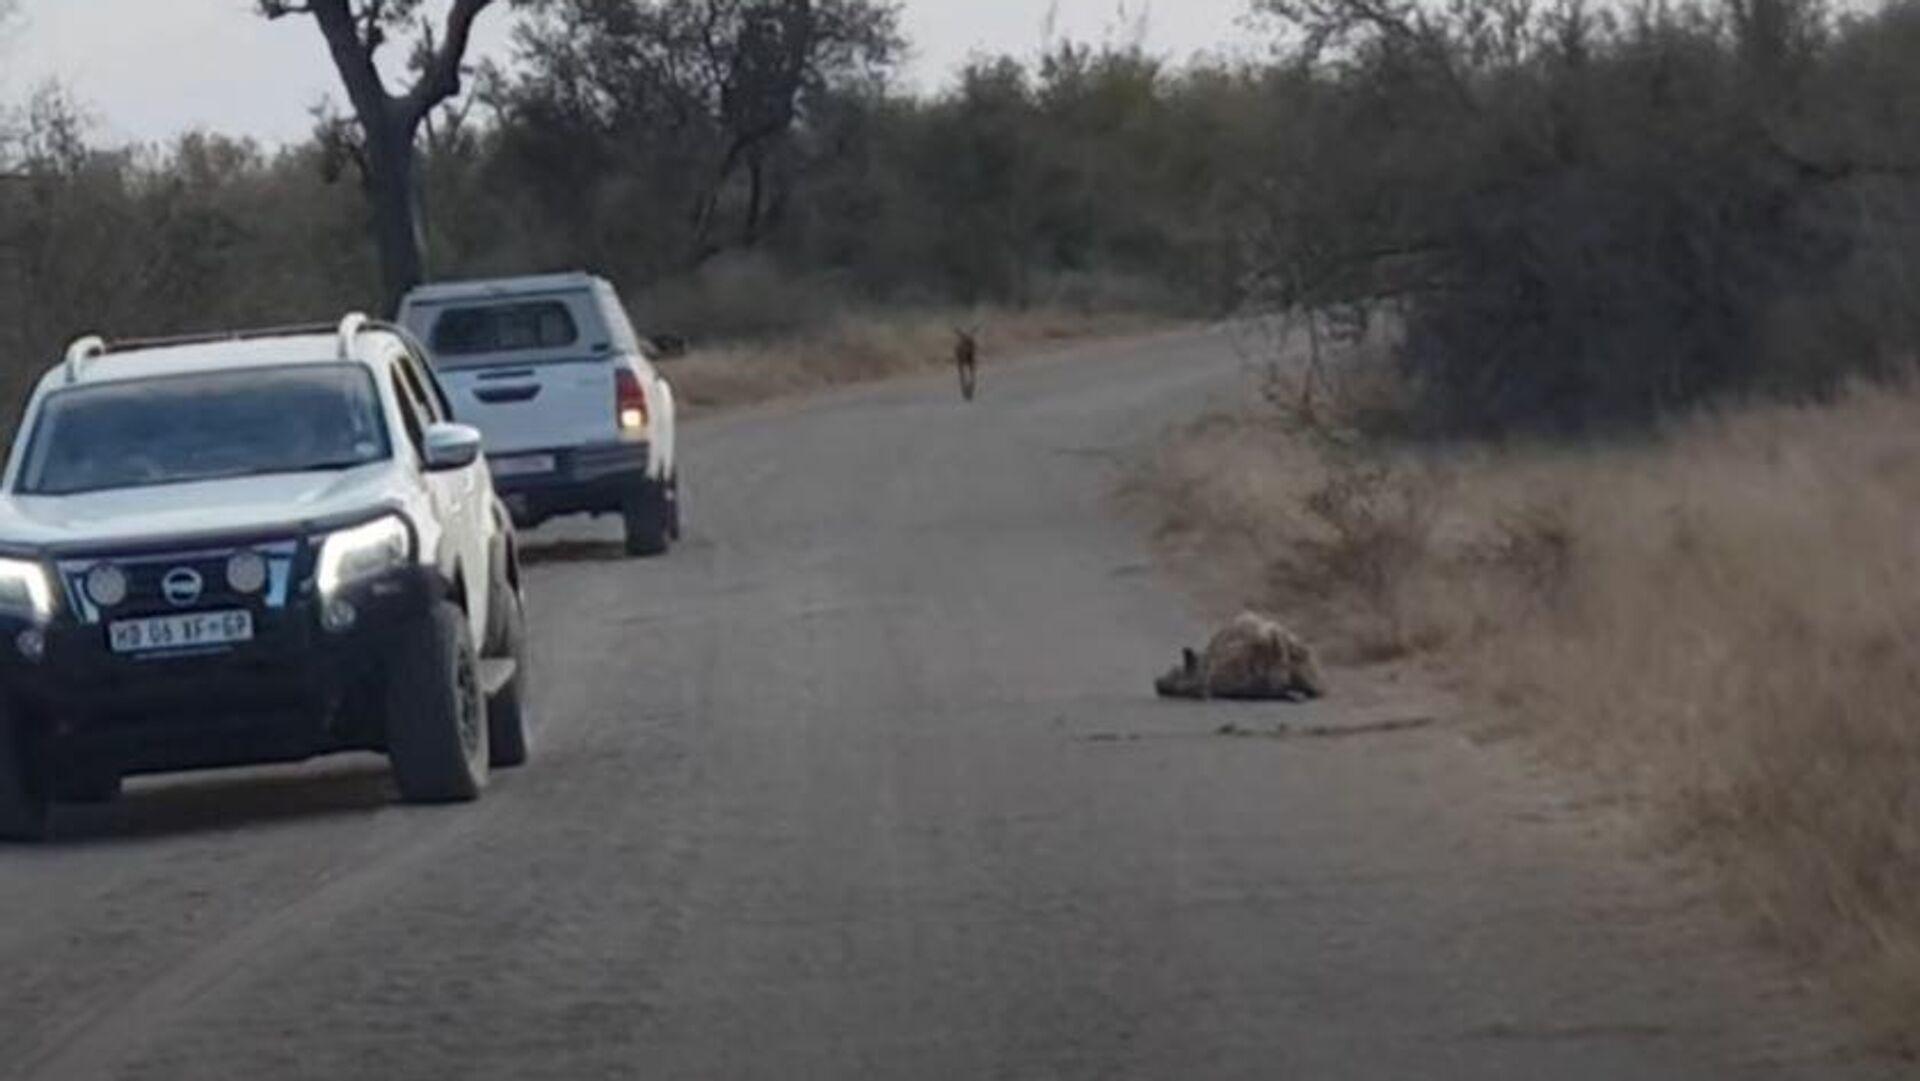 Ύαινα είναι ξαπλωμένη στην άκρη του δρόμου στο εθνικό πάρκο Kruger στη Νότια Αφρική - Sputnik Ελλάδα, 1920, 25.09.2021